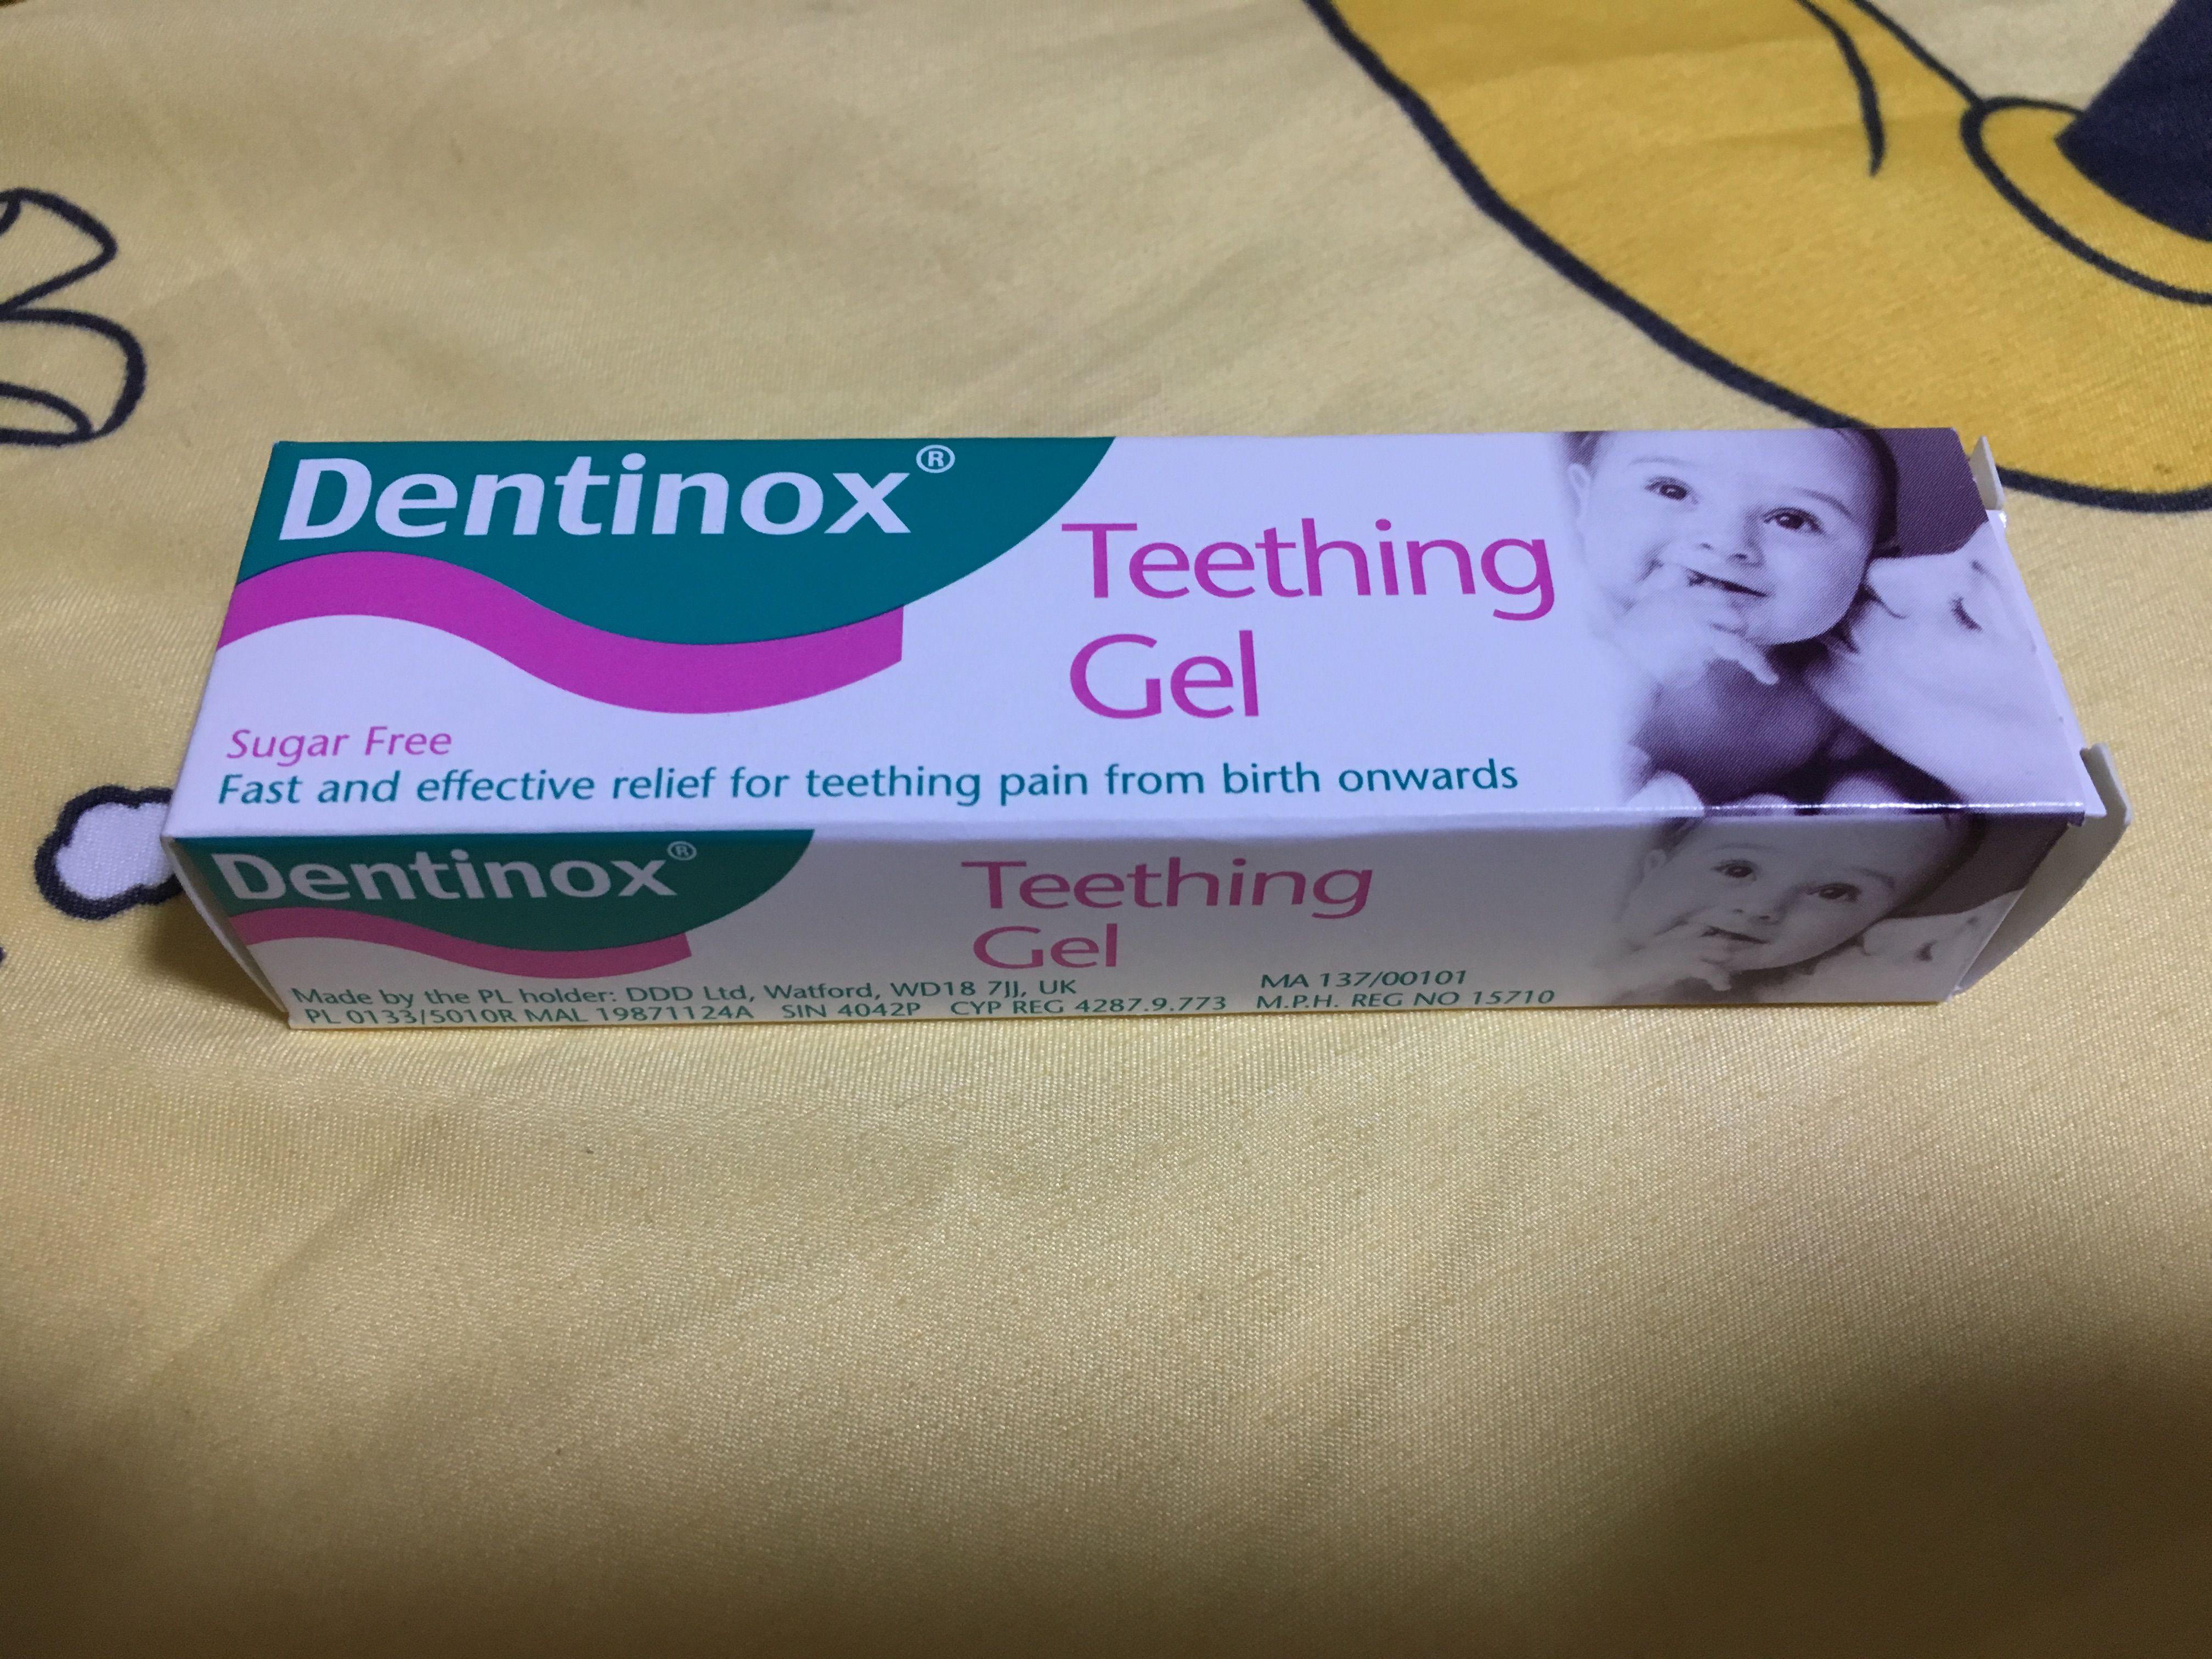 teething gel for baby